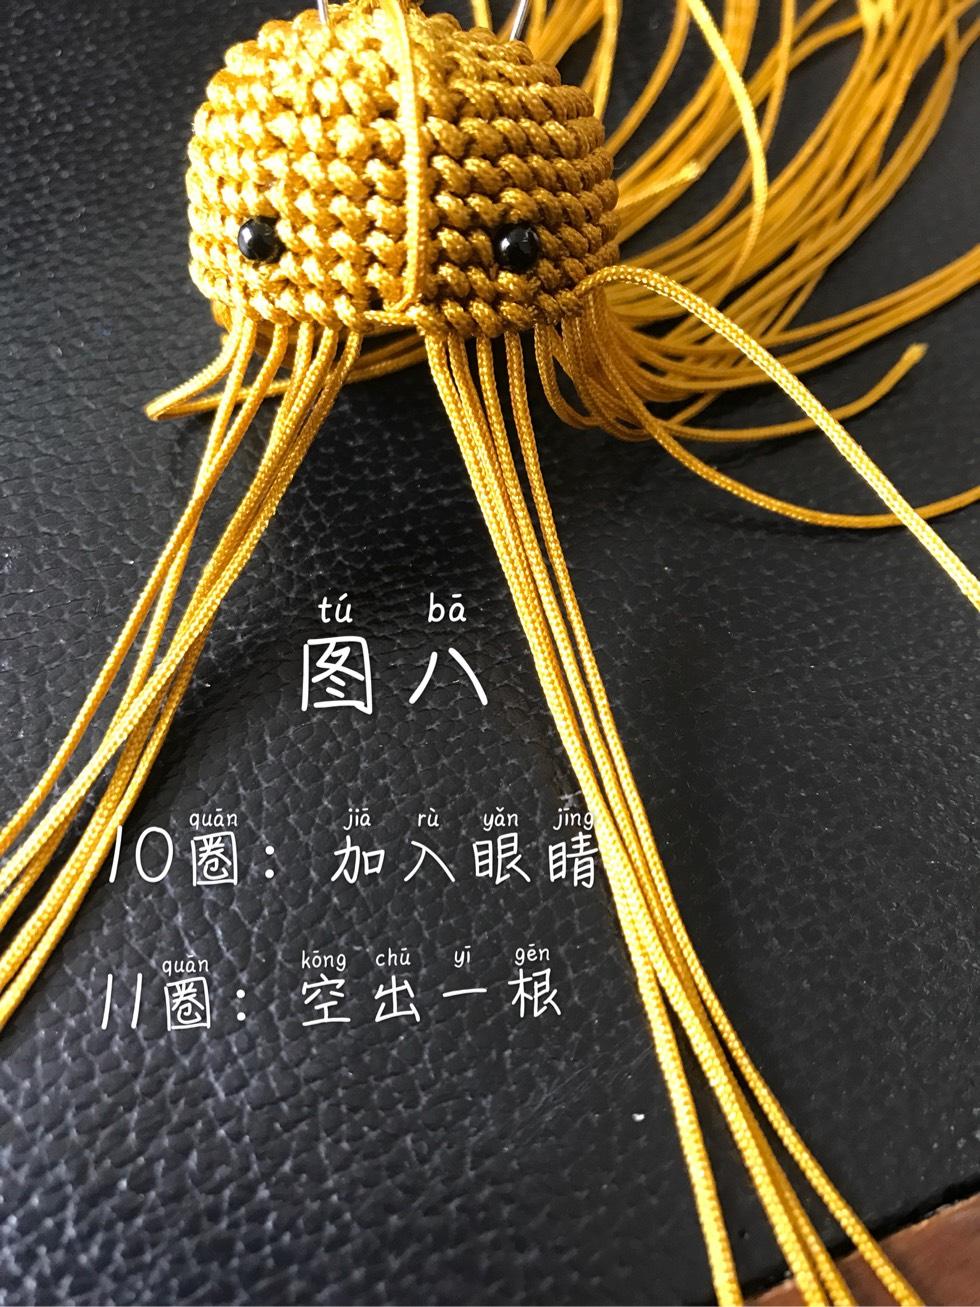 中国结论坛 嗷呜嗷呜的大狮子  图文教程区 193626yscdzh2zxeuxf22x